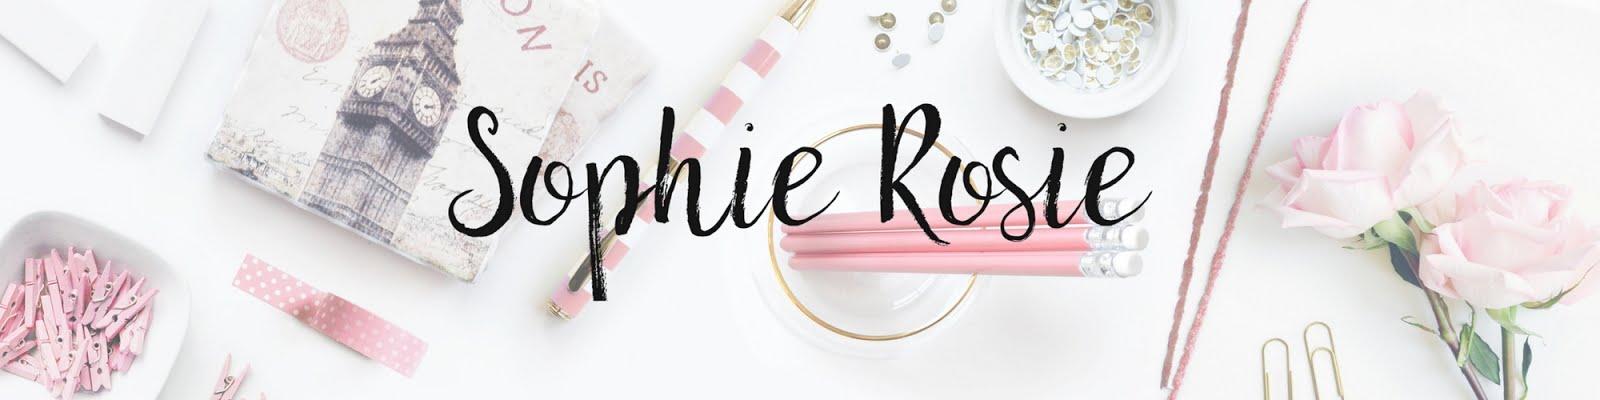 SOPHIE ROSIE.